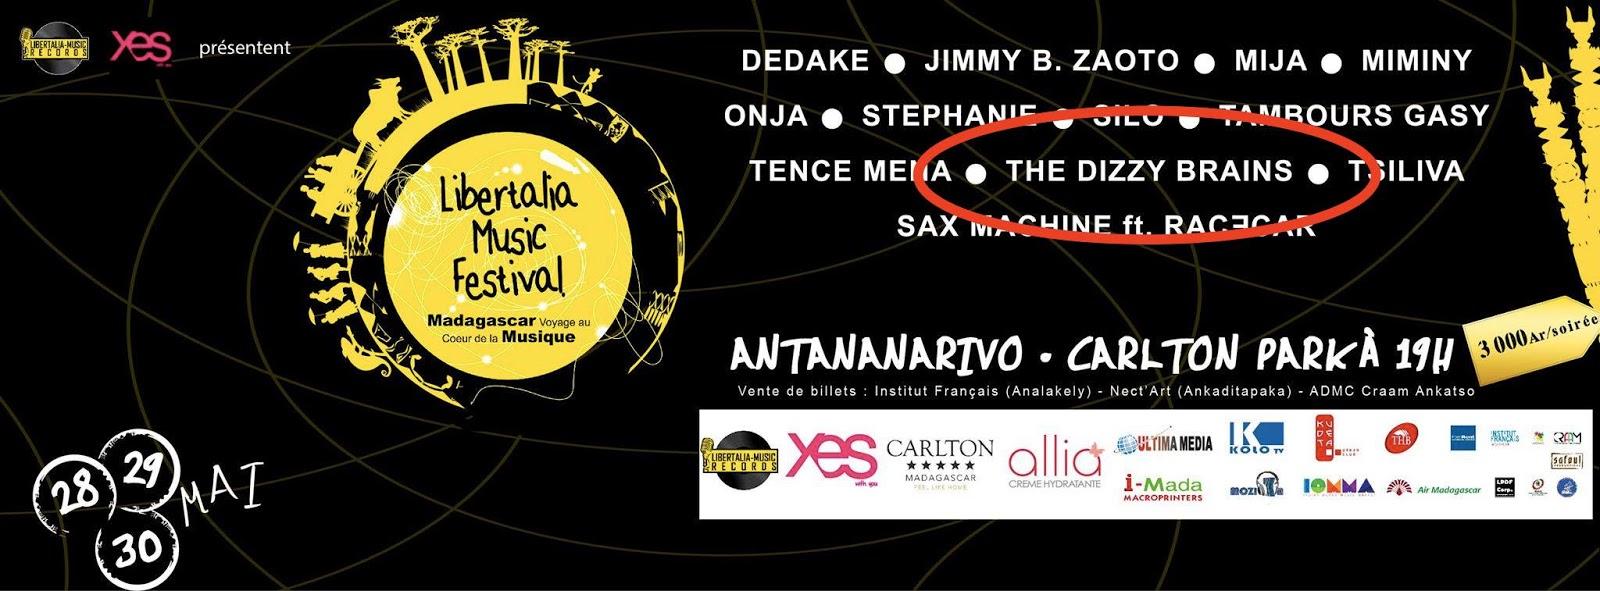 Libertalia Music Festival